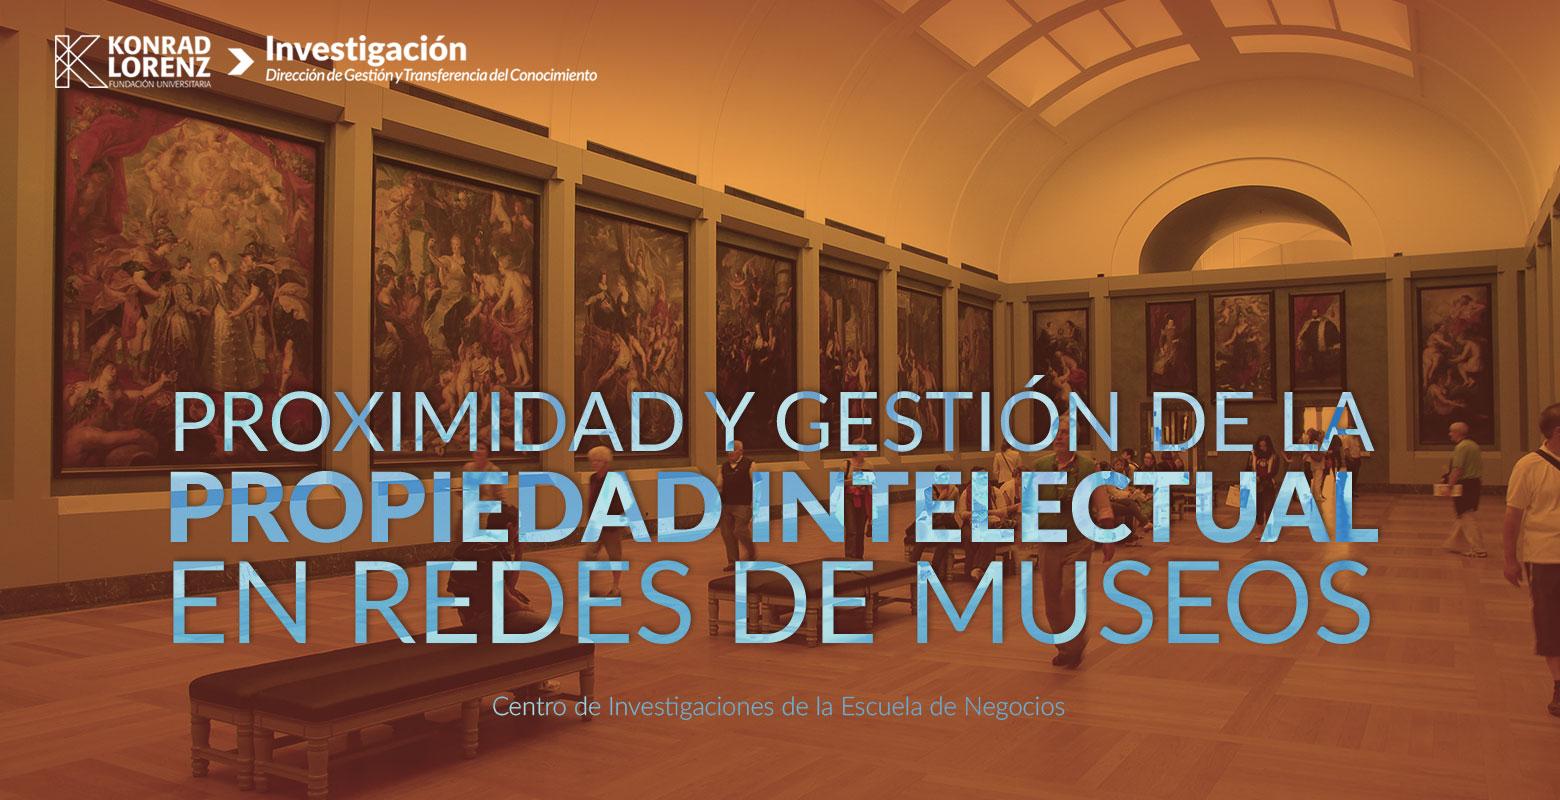 Proximidad y gestión de la propiedad intelectual en redes de museos